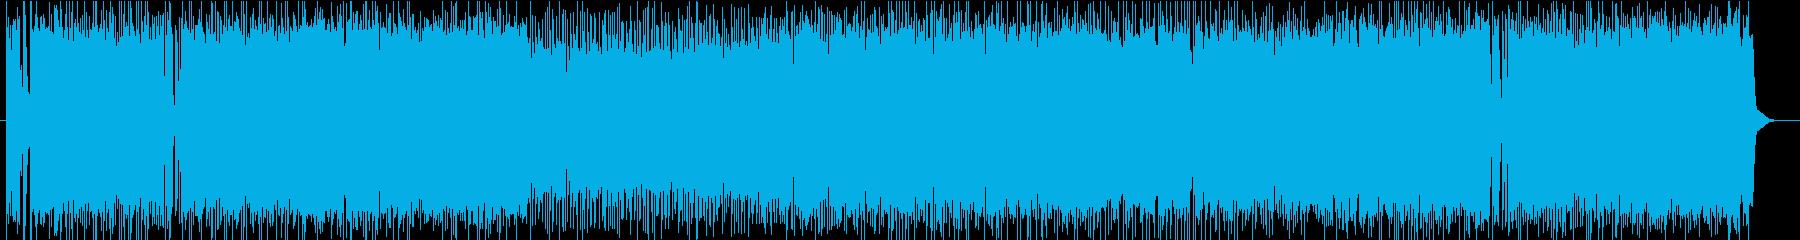 【全て生演奏】ゆるいファンク系ジャムの再生済みの波形